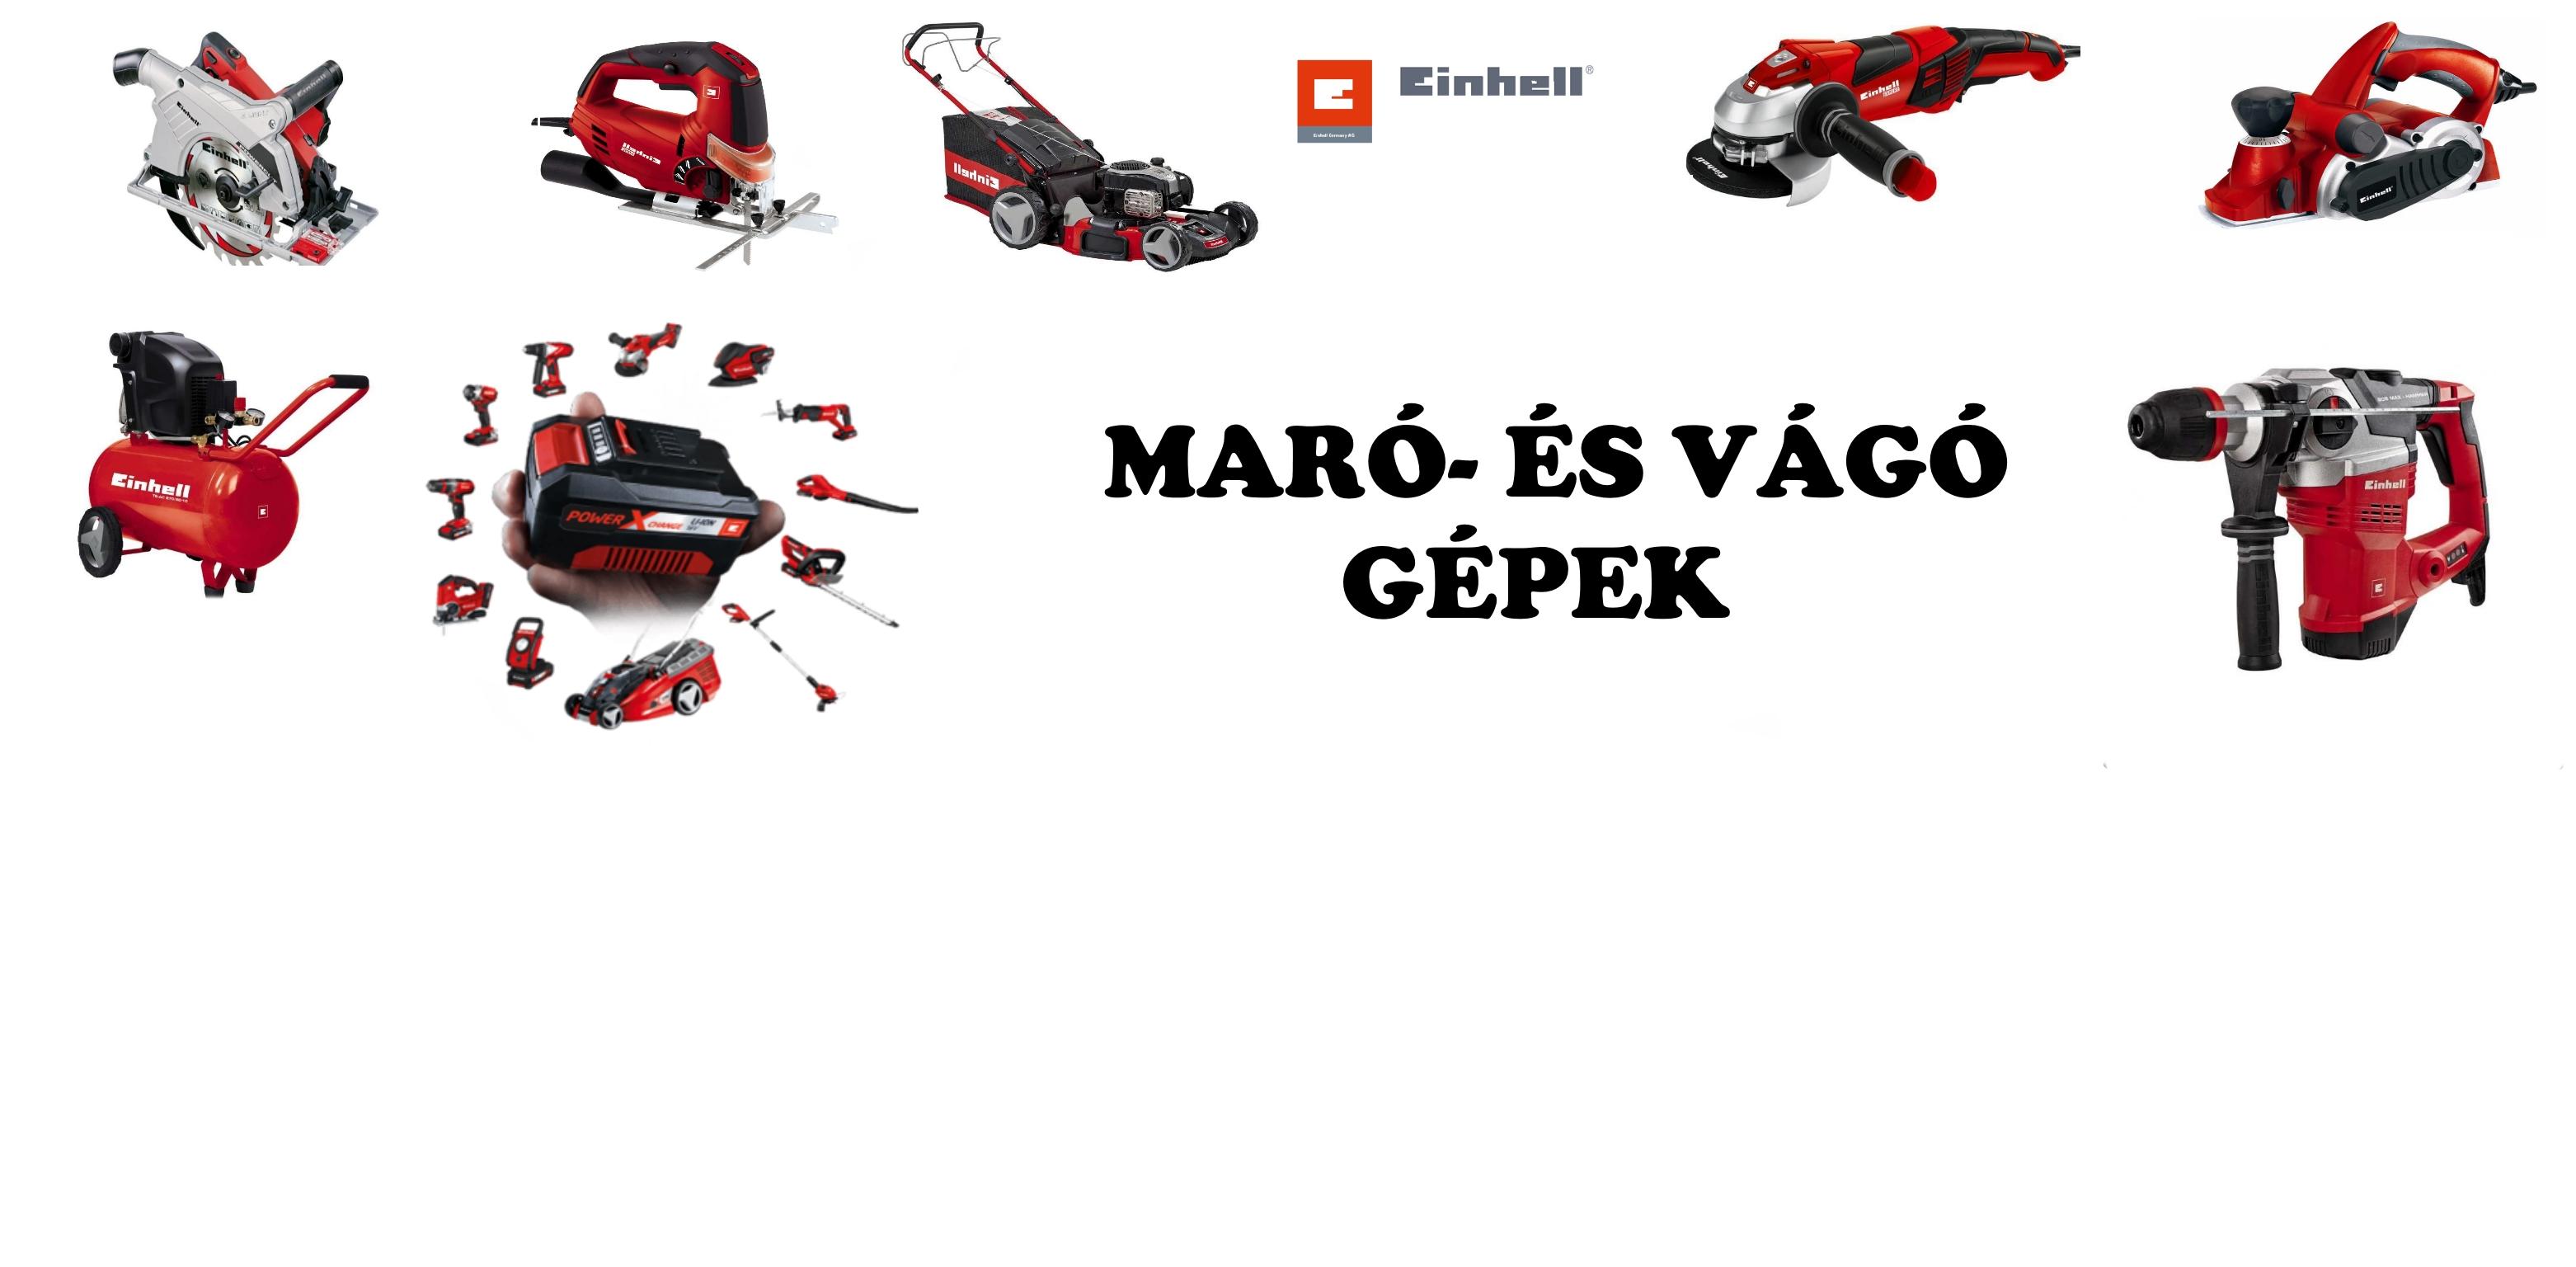 MARÓ- ÉS VÁGÓ GÉPEK